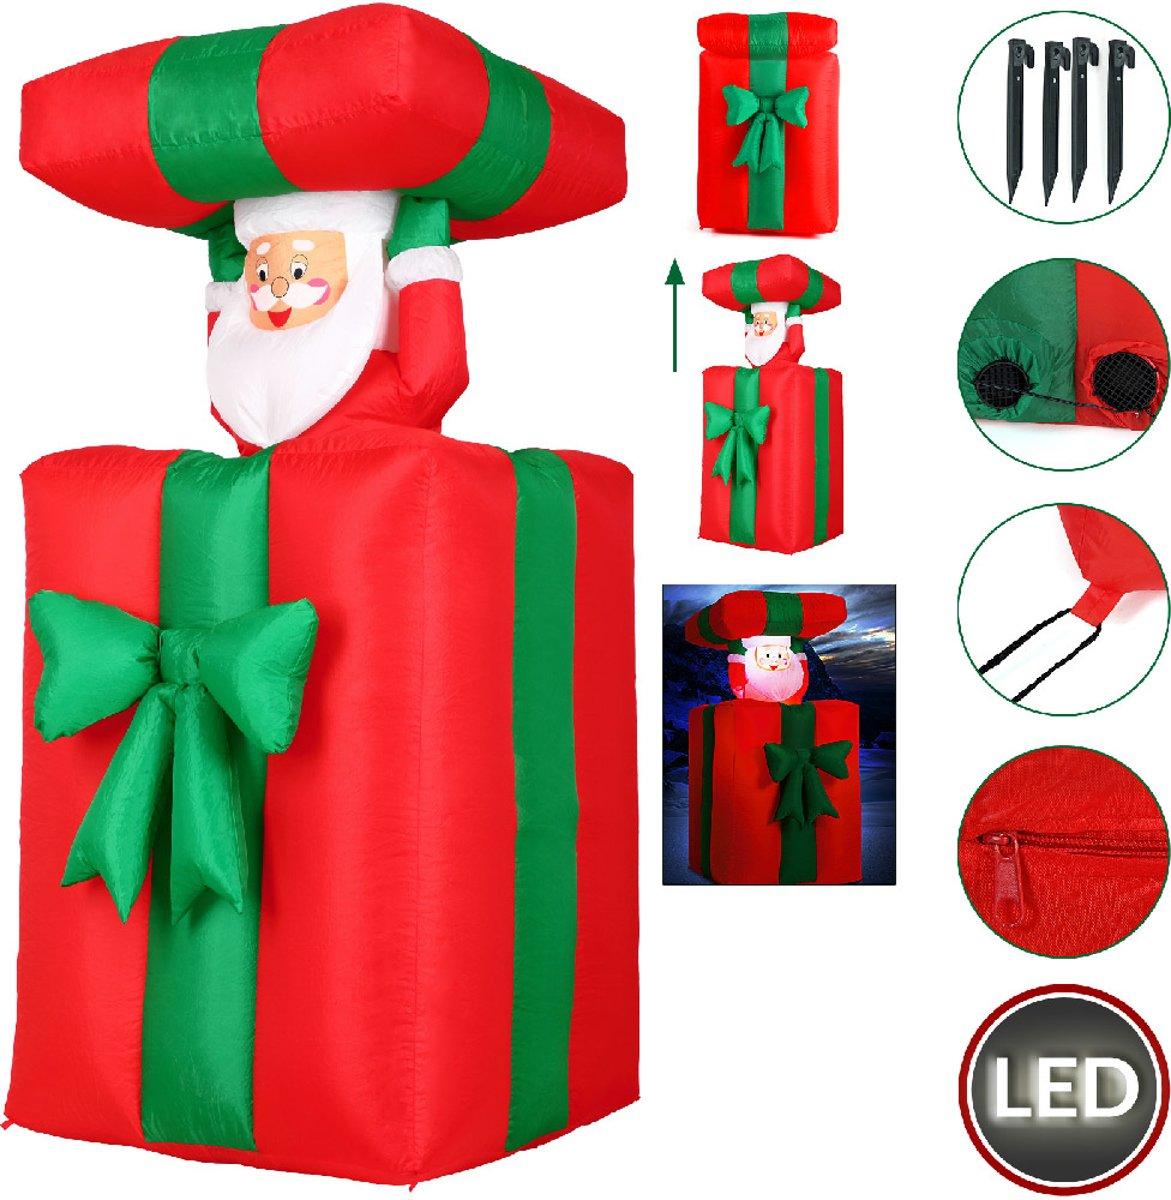 Kerstman in cadeau, opblaasbaar, beweegt op en neer, voor binnen en buiten kopen